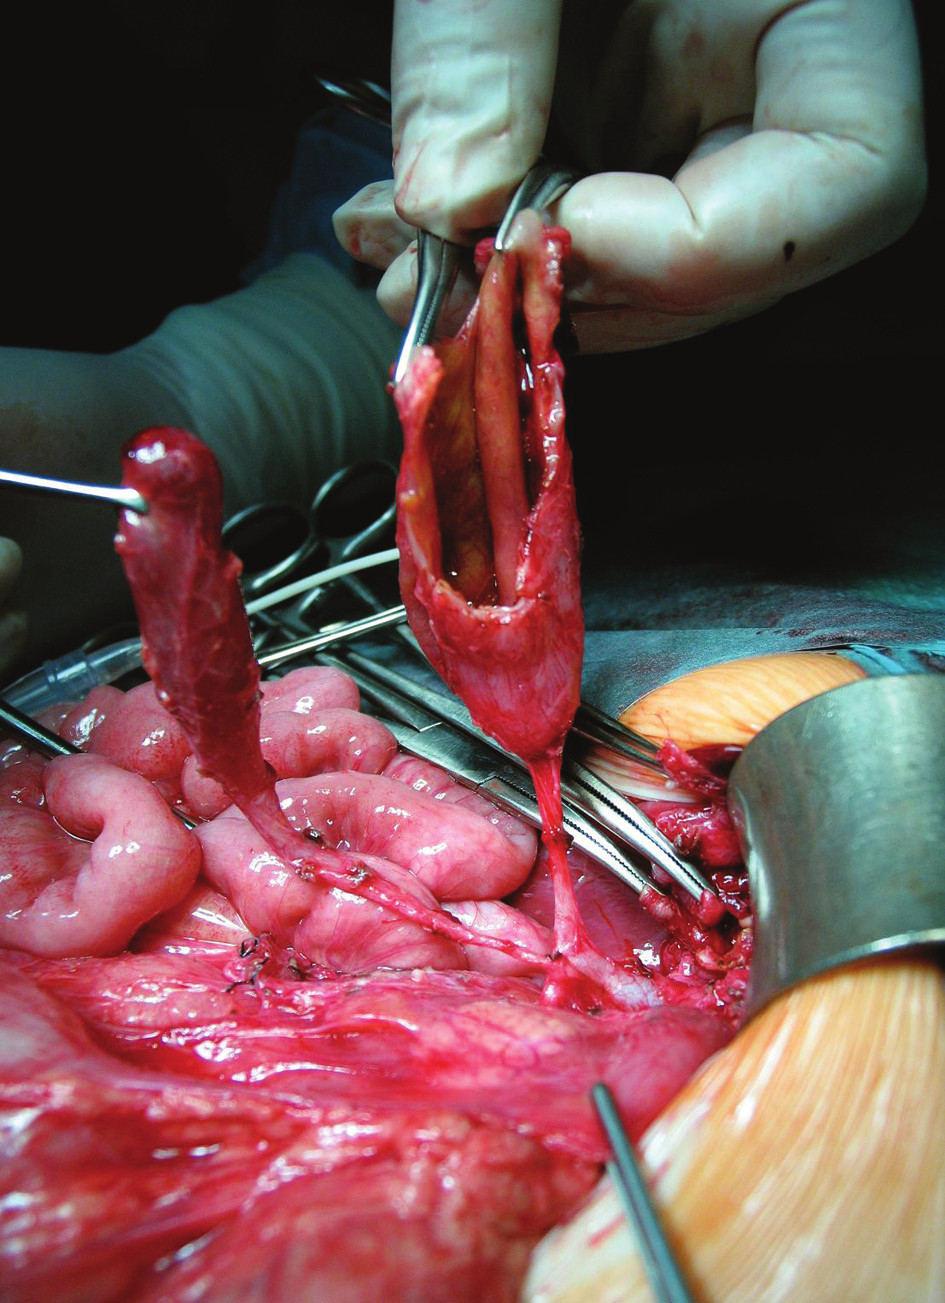 Otvorený lúmen multicysty vpravo, vľavo žlčník s vlastným ústím do choledochu Fig. 3. Multicyst with opened lumen on the right side, on the left is gall-bladder with own choledochal junction